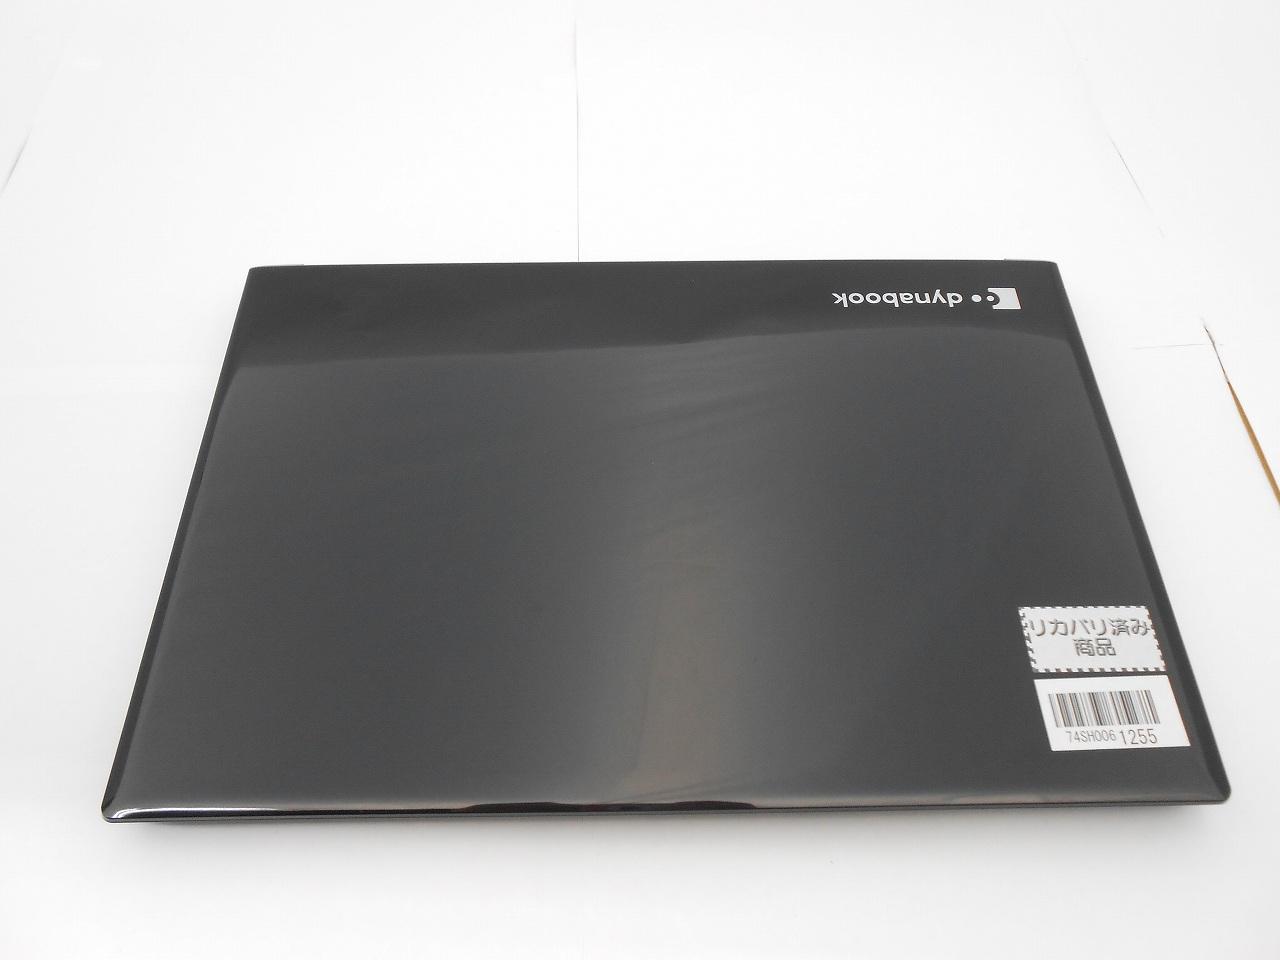 【中古】 dynabook AZ45/GB/2018年モデル/Corei5 8250U 1.6GHz/メモリ8GB/SATA1000GB/15インチ/Windows10Home【3ヶ月保証】【足立店発送】